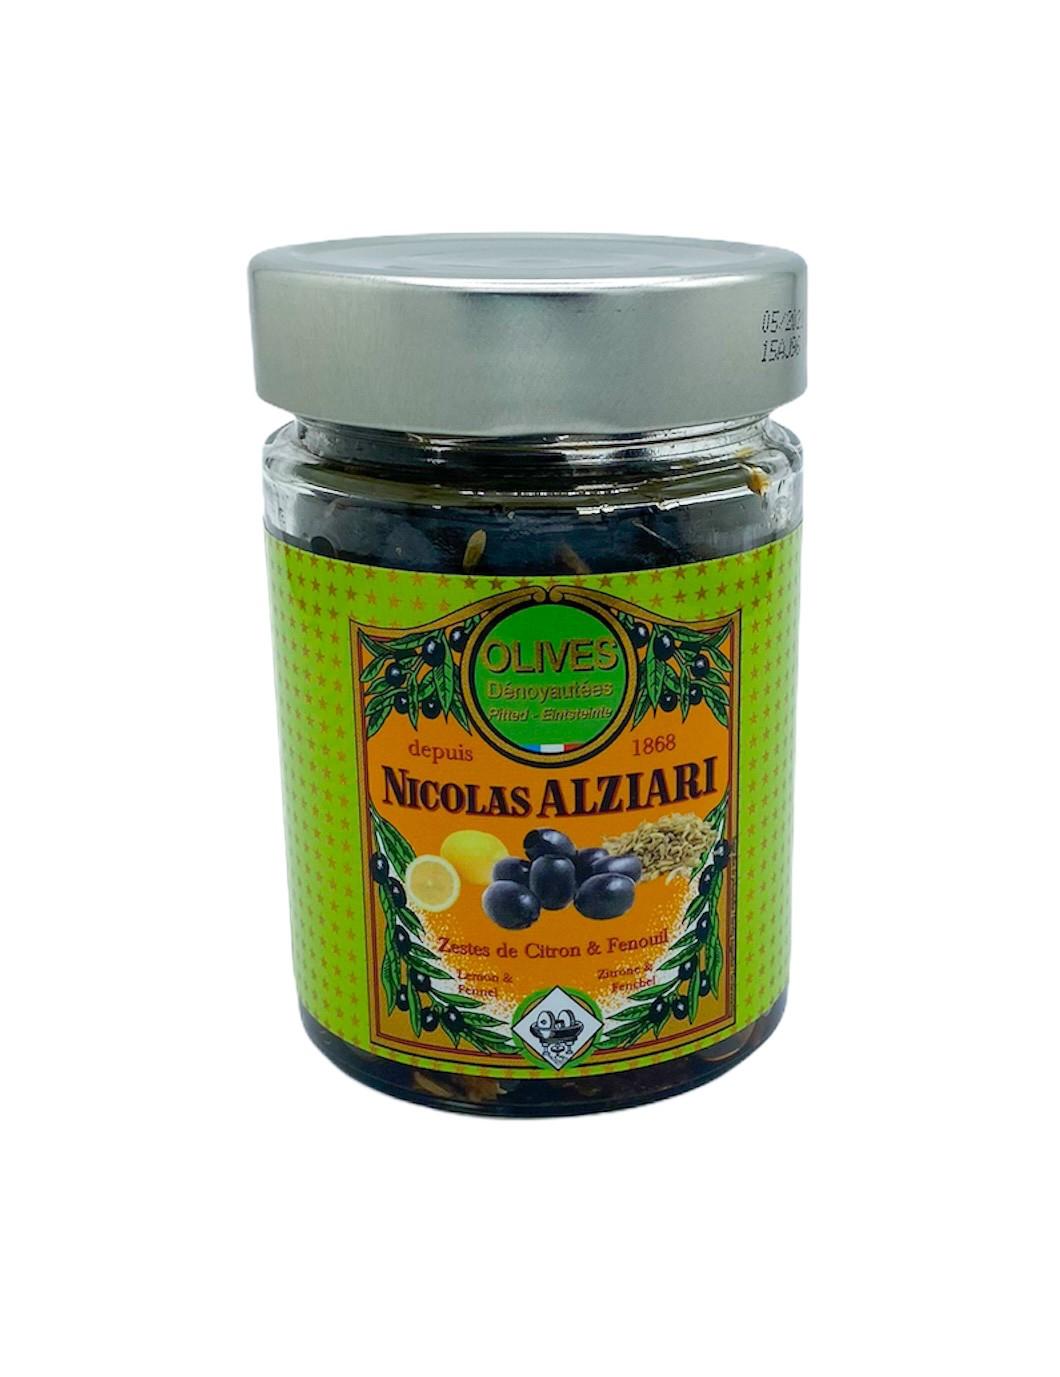 Glas schwarze Oliven mit Zitronenschale und Fenchel  180 g